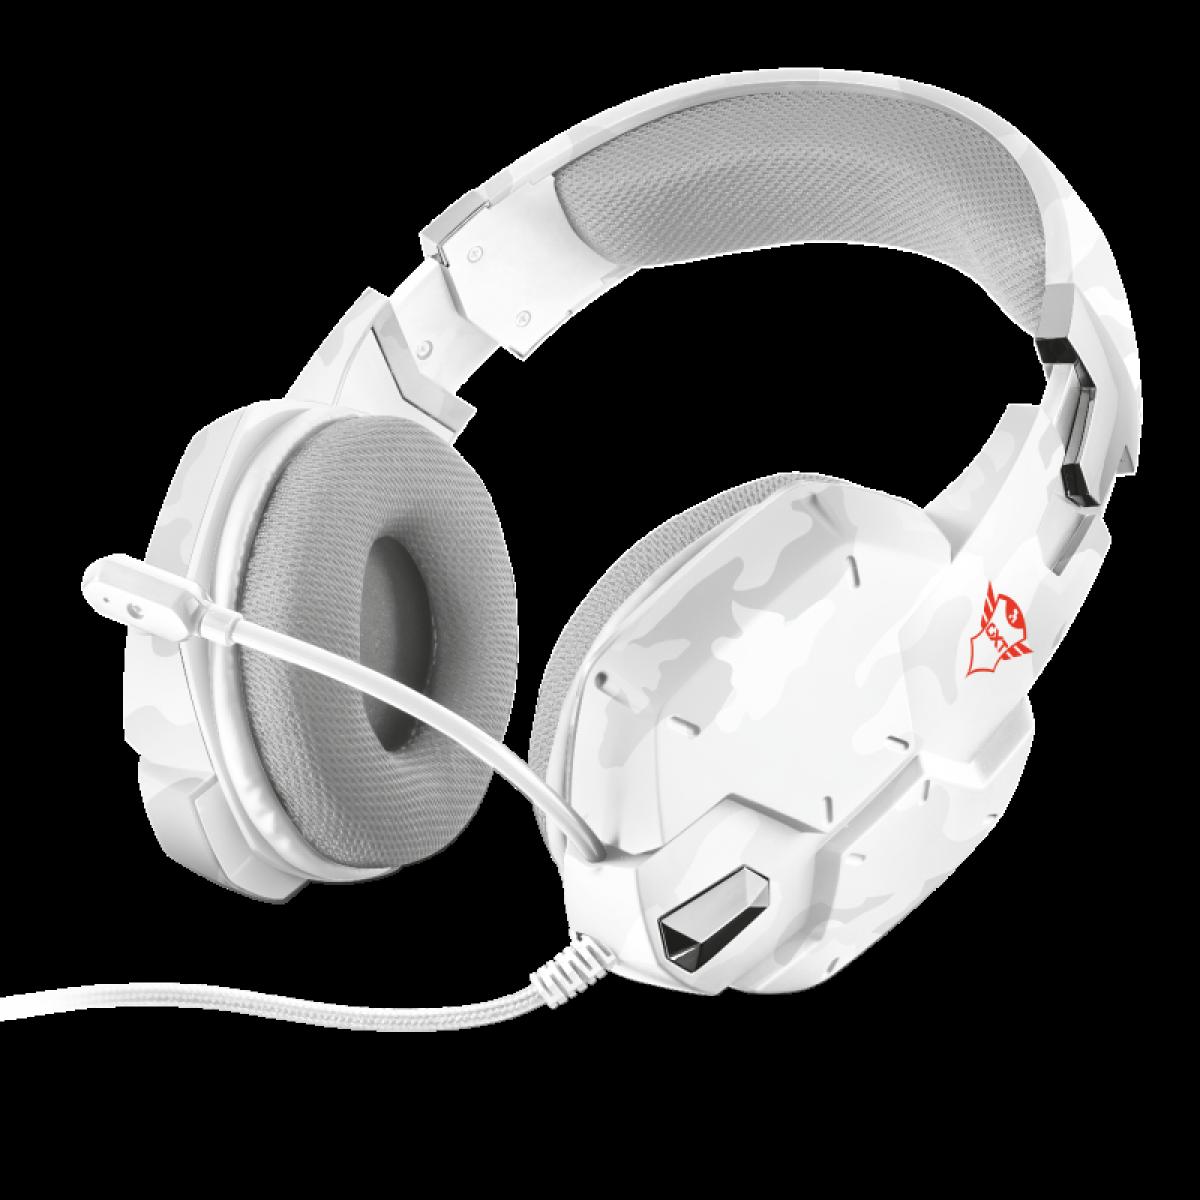 Headset GamerTrust CARUS- Multiplataforma GXT 322W CAMUFLADO SNOW